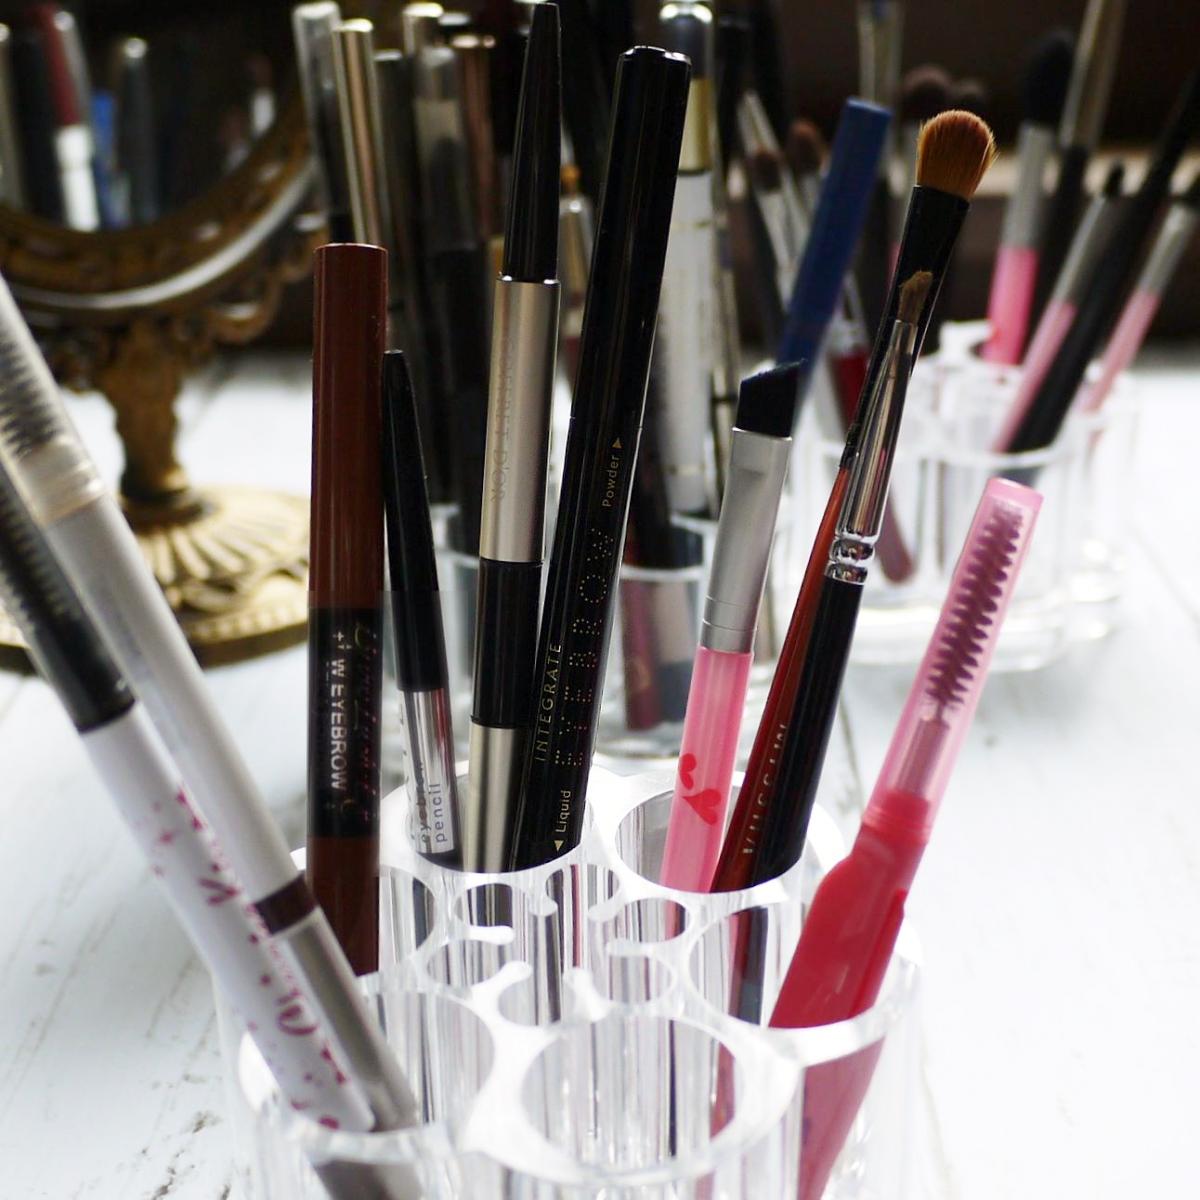 【プチプラ】描きやすくって落ちにくい!美発色リキッドアイブロウが優秀すぎる!